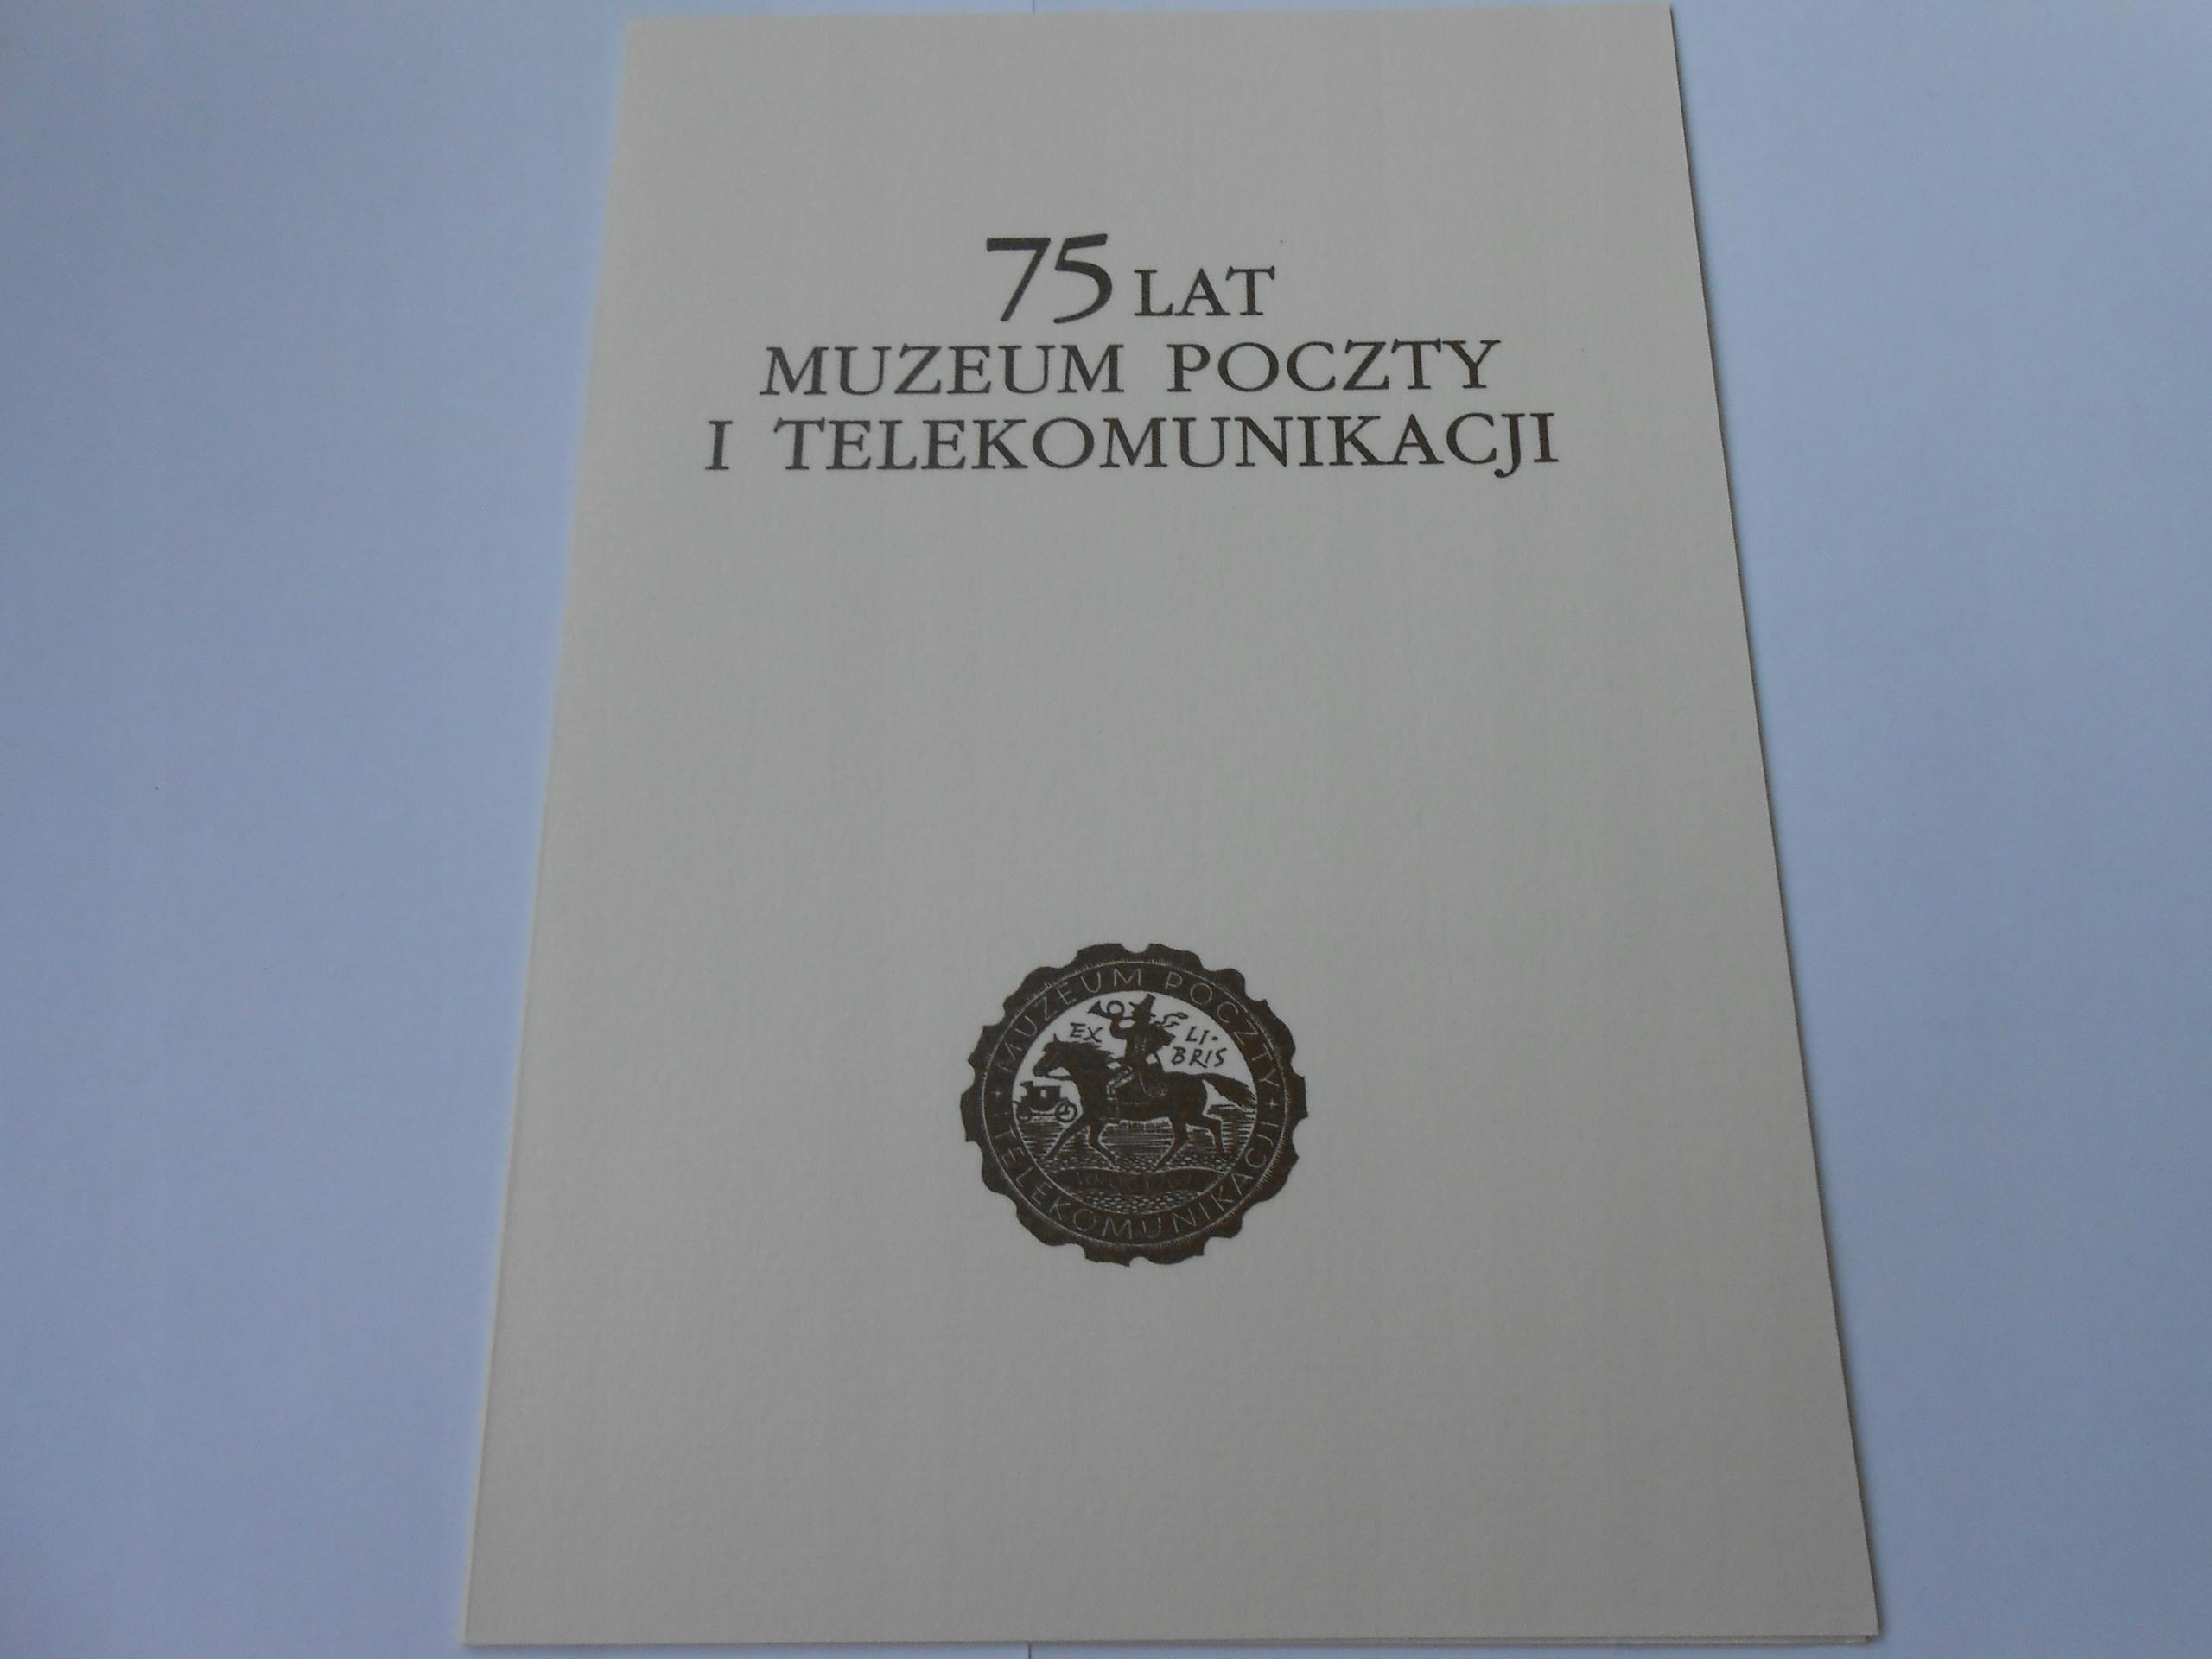 Karnet 75 lat Muzeum Poczty we Wrocławiu 1996 r